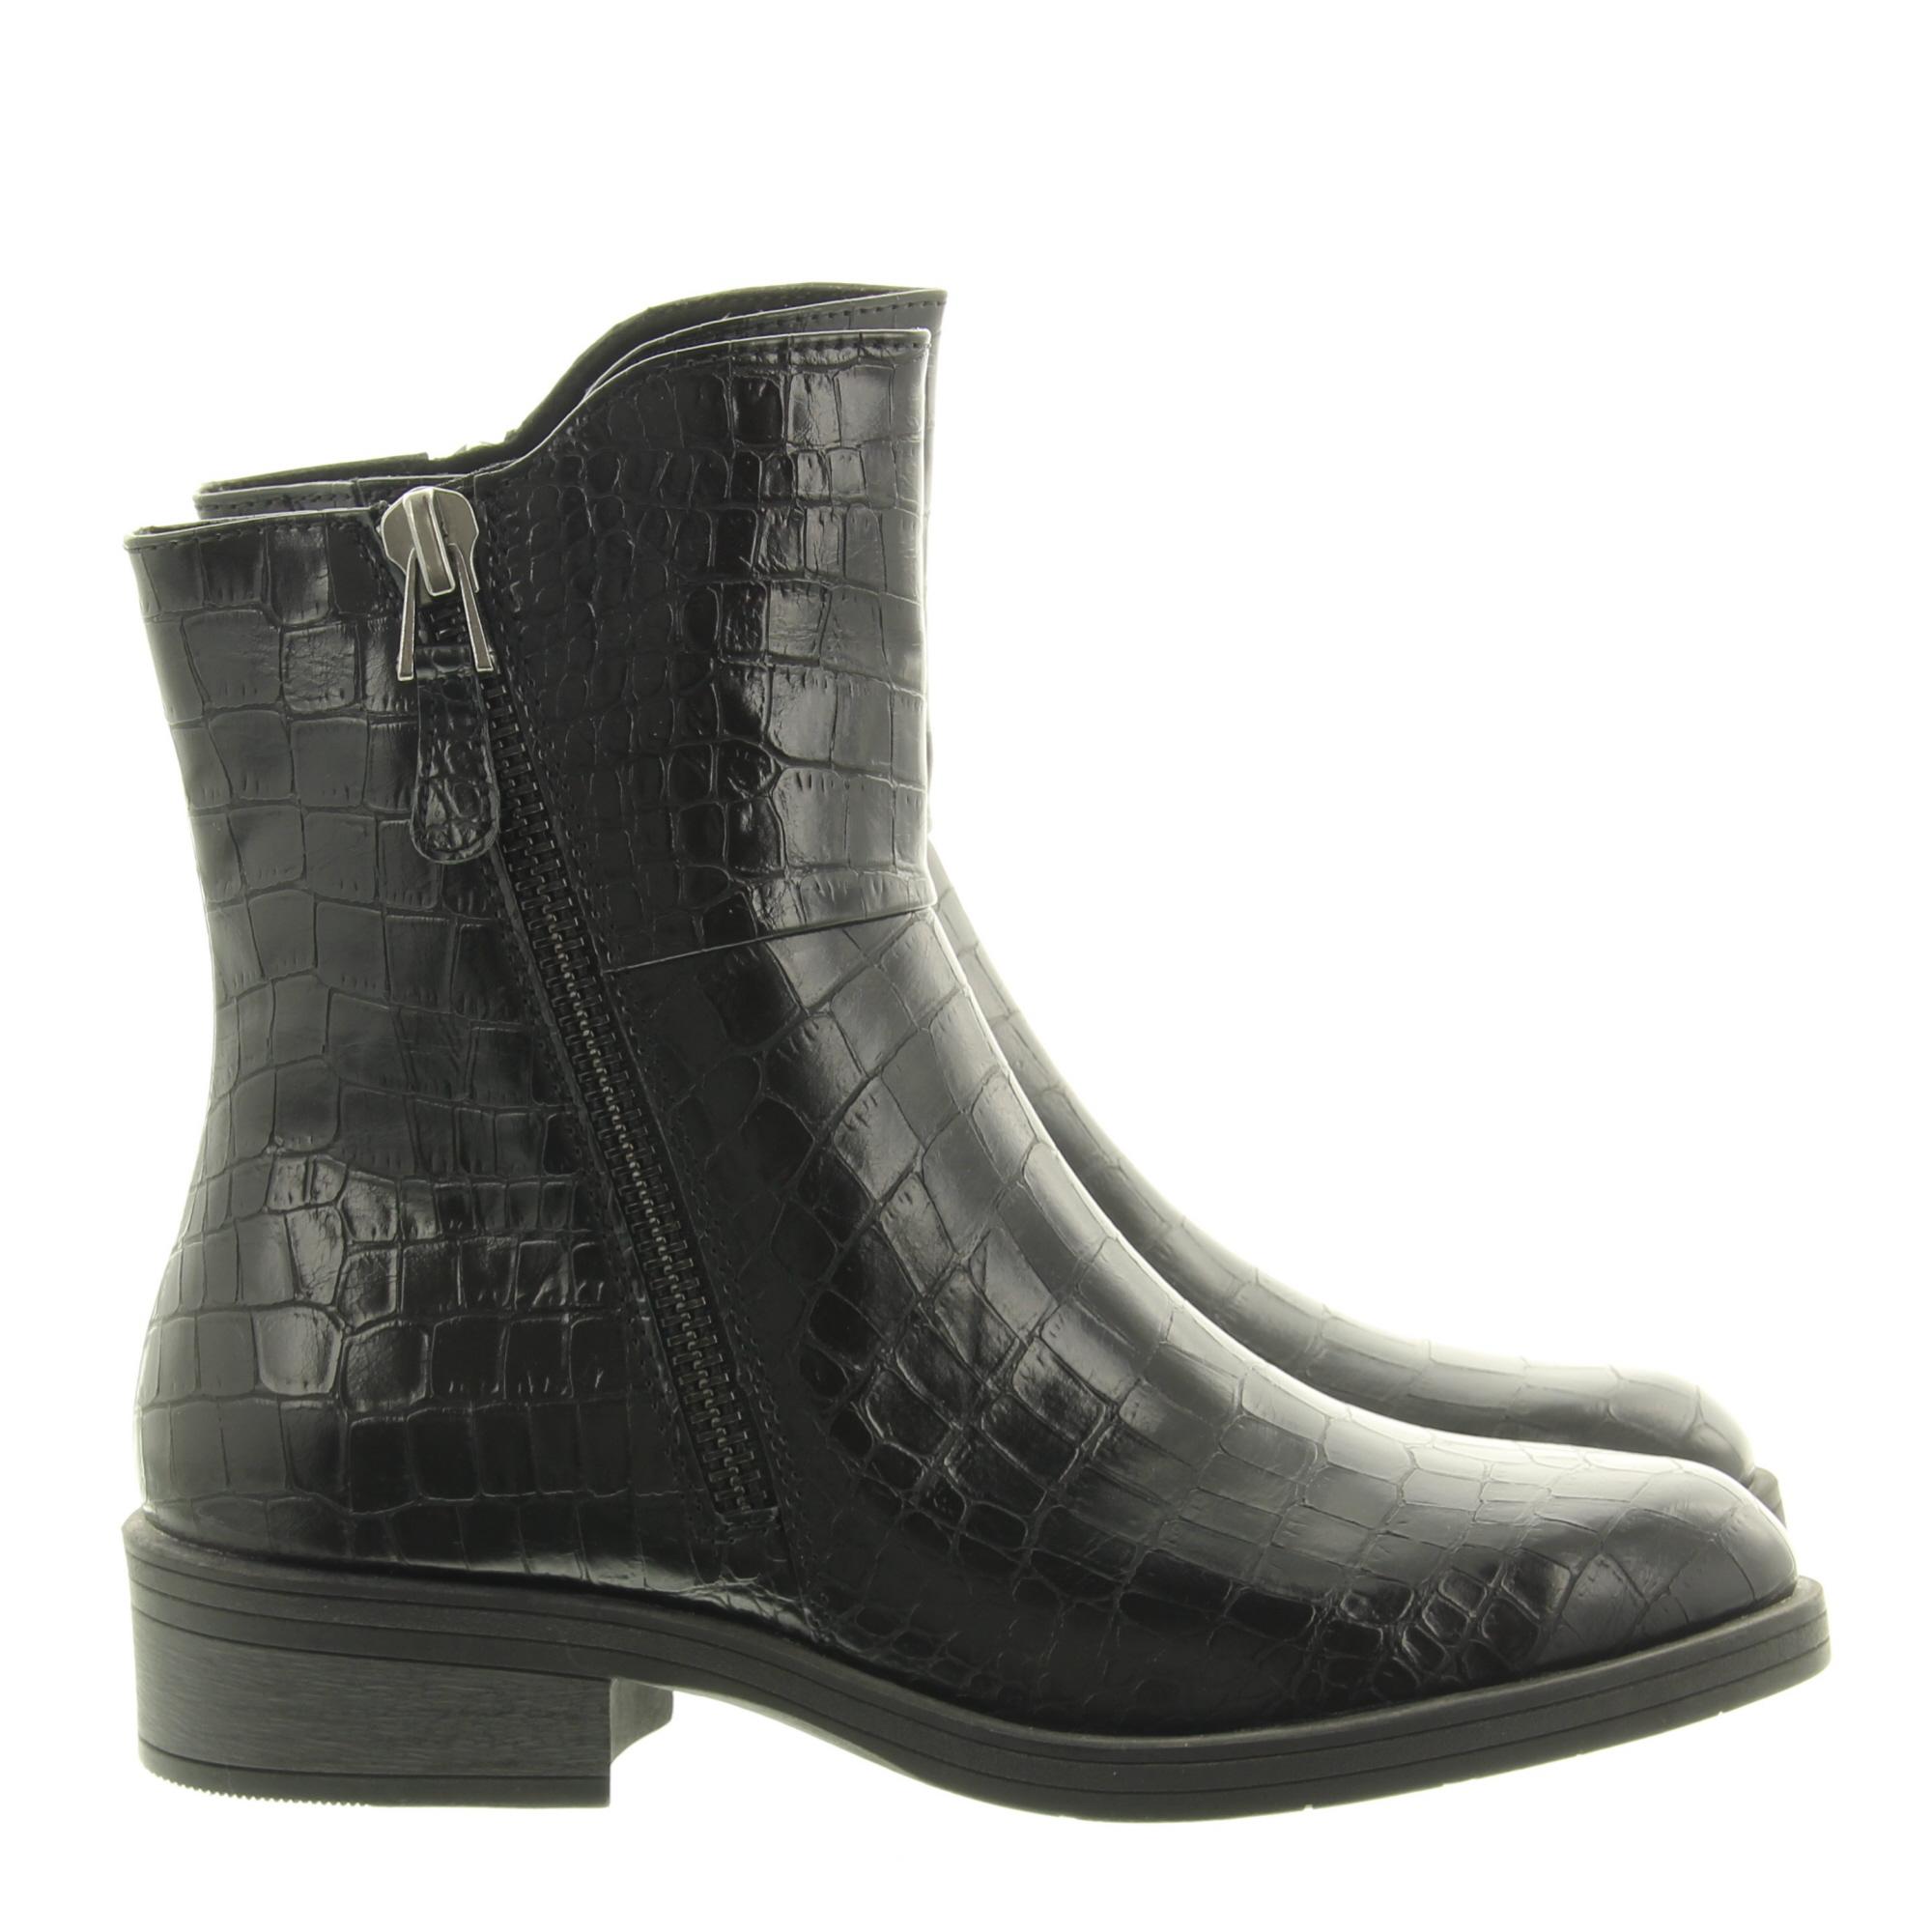 Marco Tozzi 25025 006 Black croco